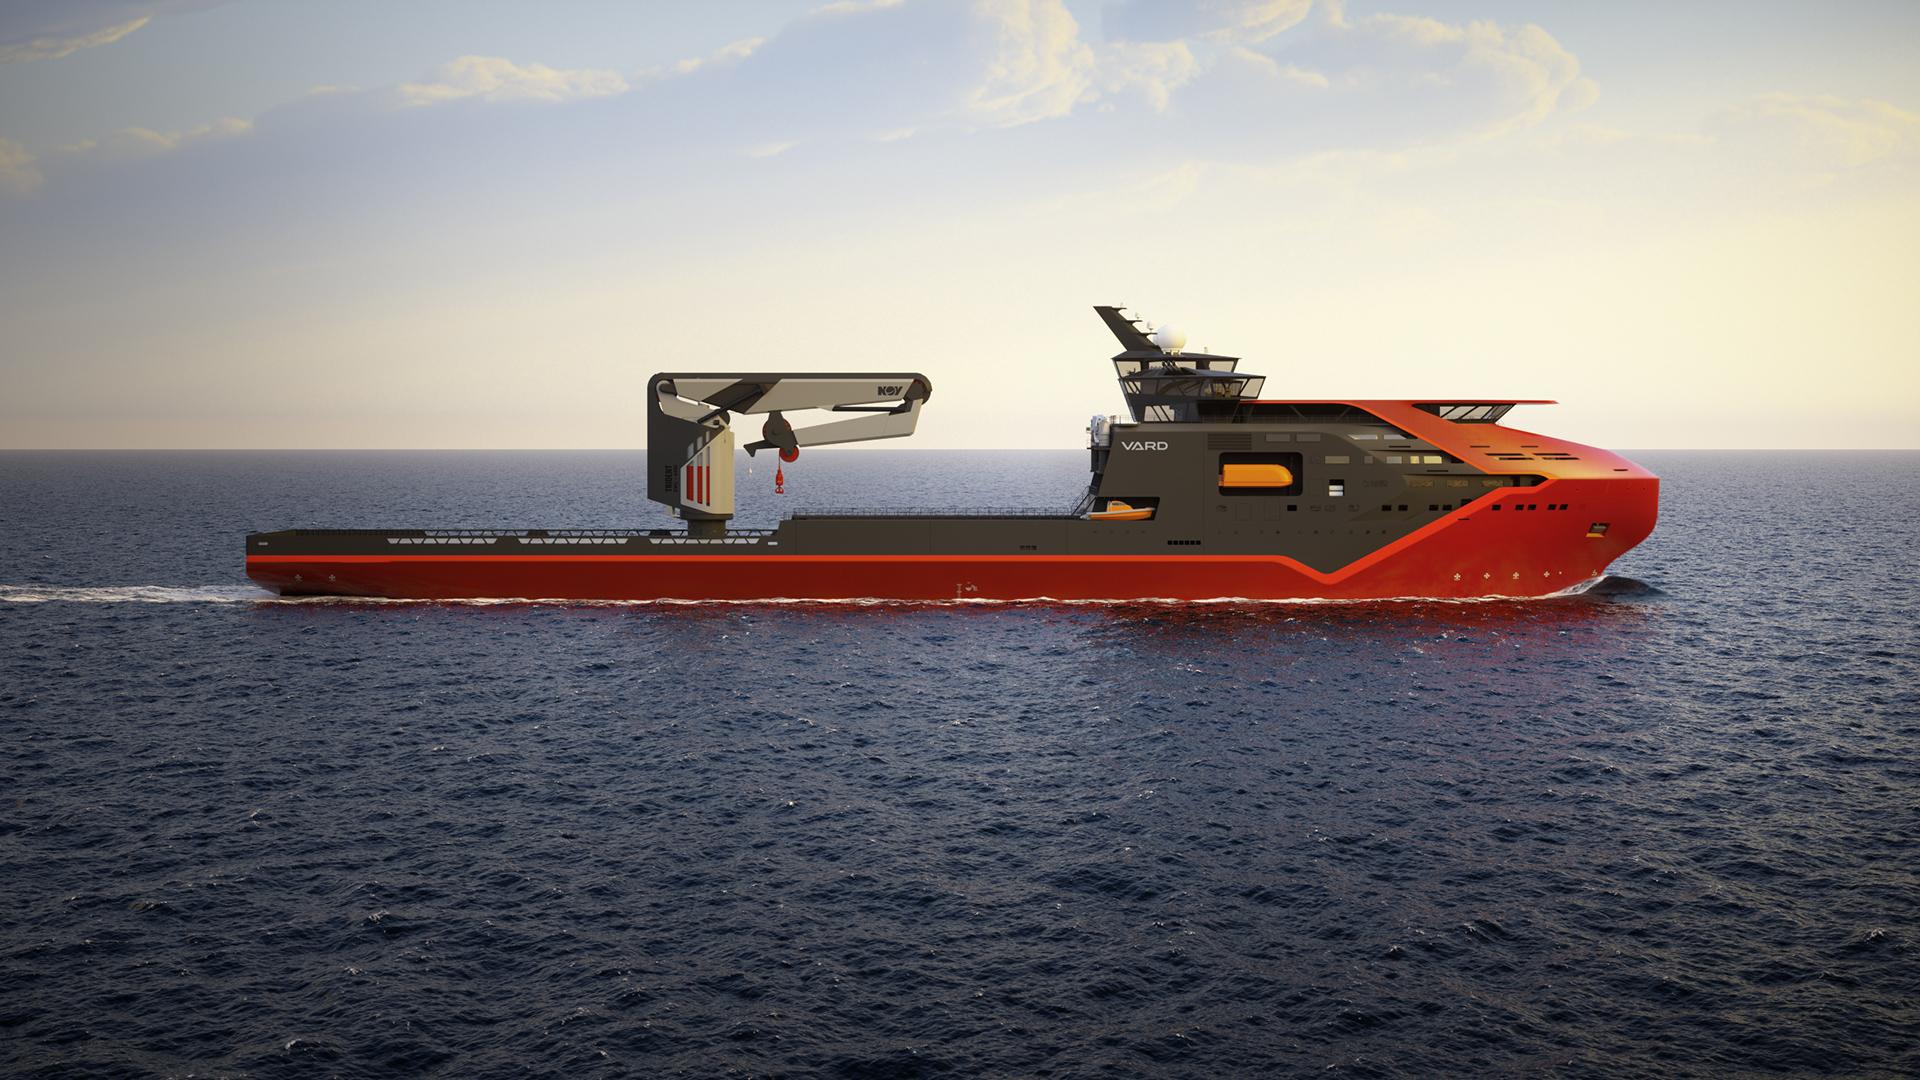 Картинки морских кораблей будущего